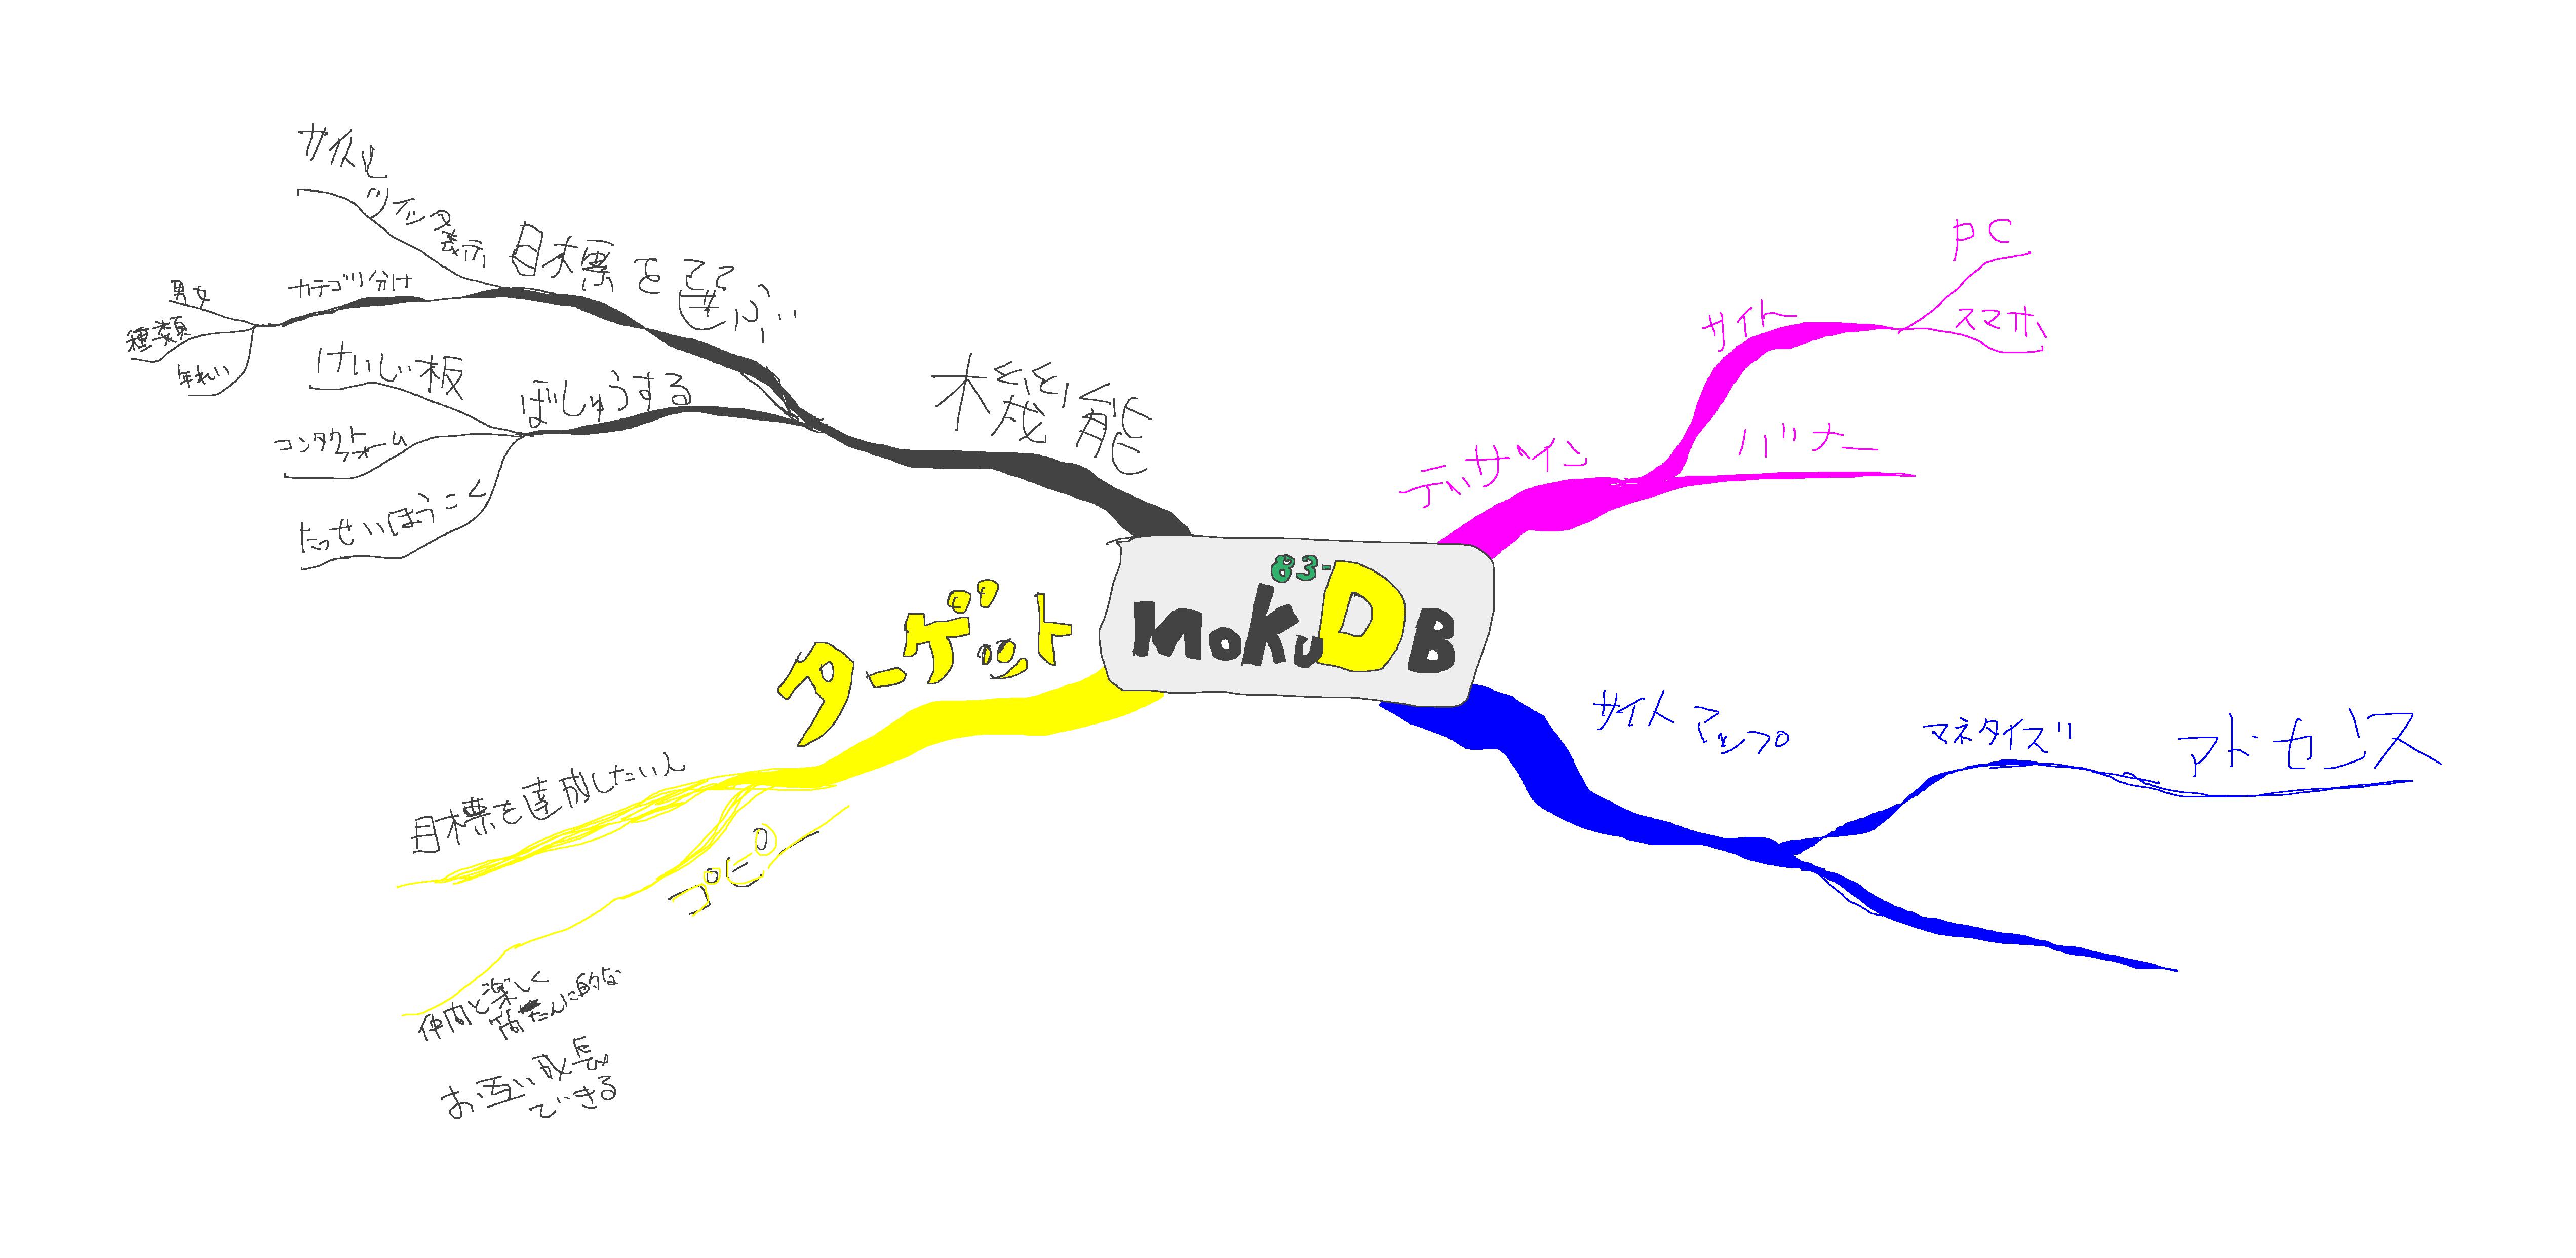 素人が簡単なウェブサービスをマインドマップで企画してみた